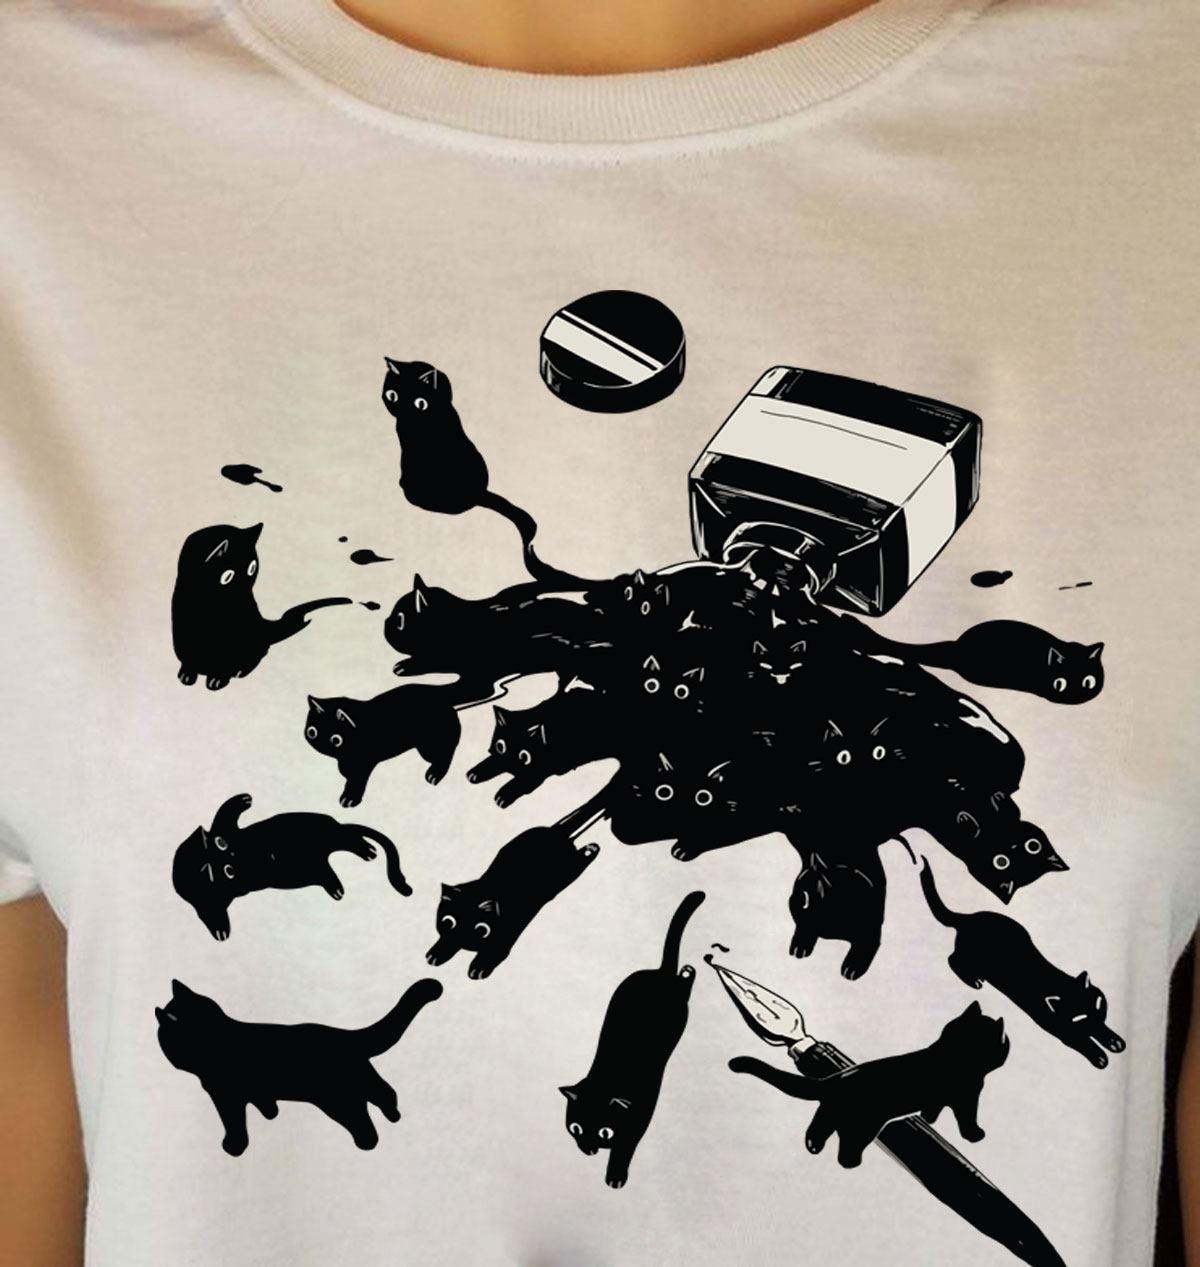 Black Cat Shirt Ink Bottle Spilled Cats